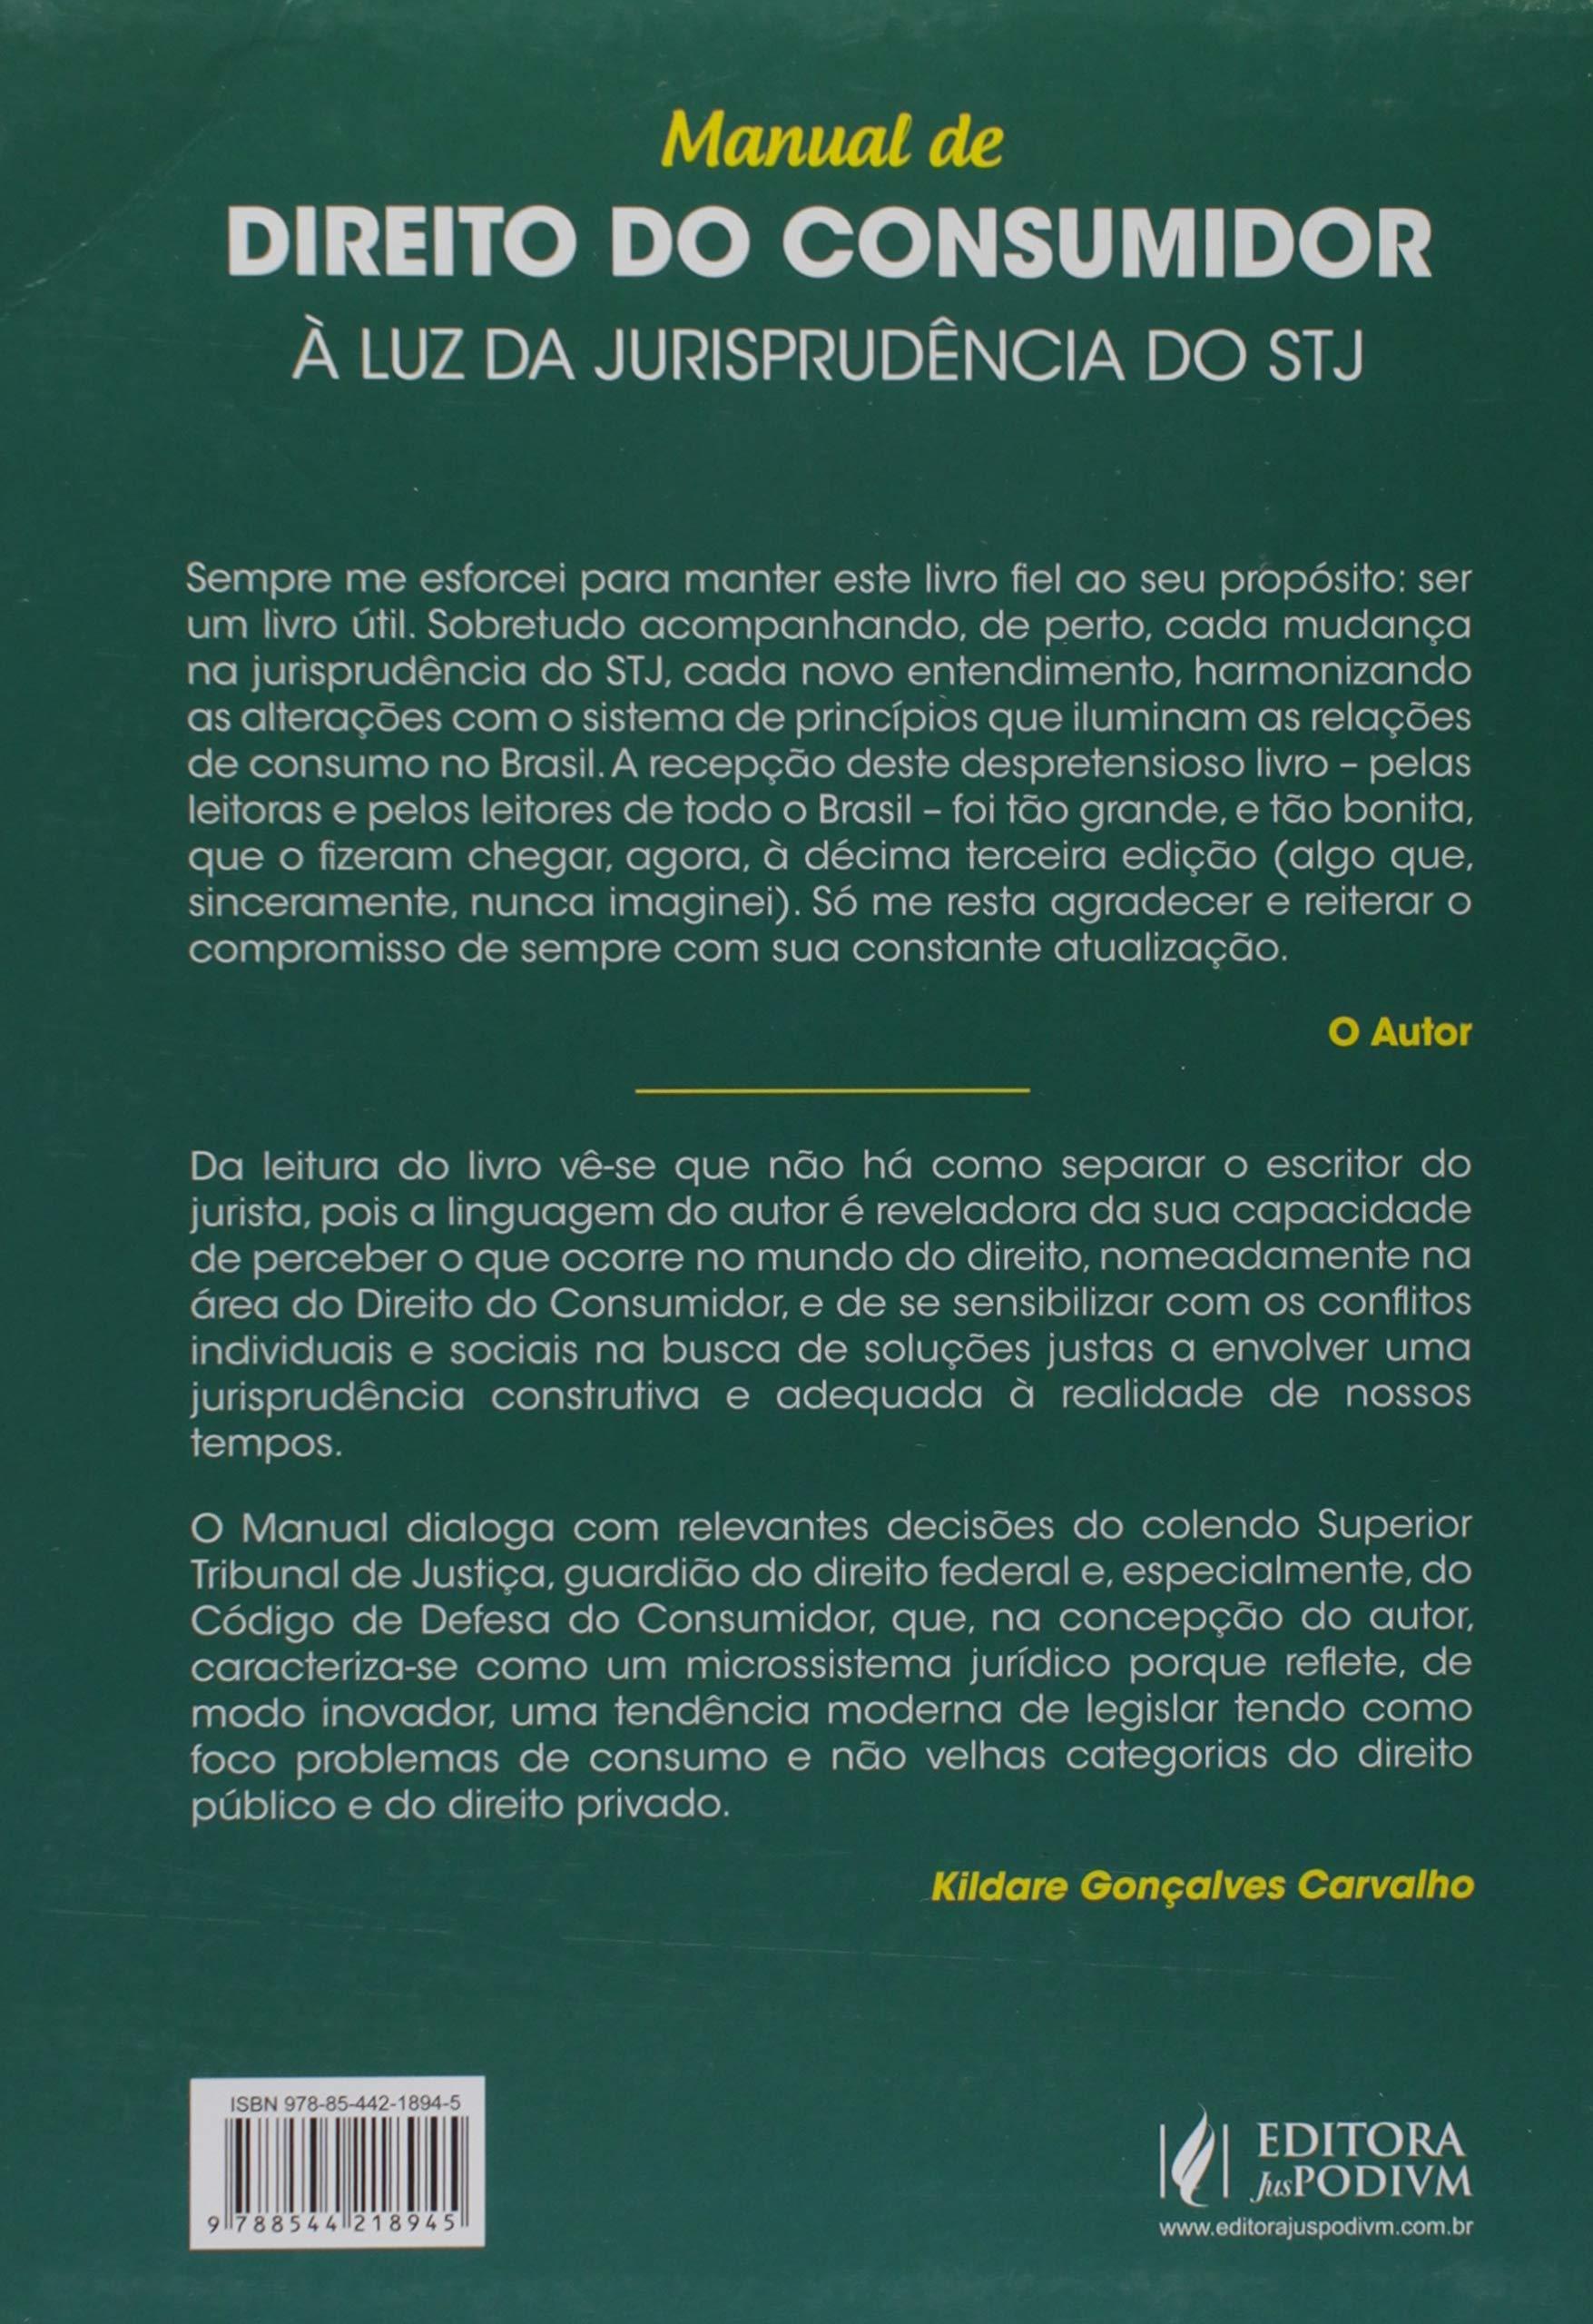 e0e55d1b1 Manual de Direito do Consumidor: à luz da Jurisprudência do STJ -  9788544218945 - Livros na Amazon Brasil